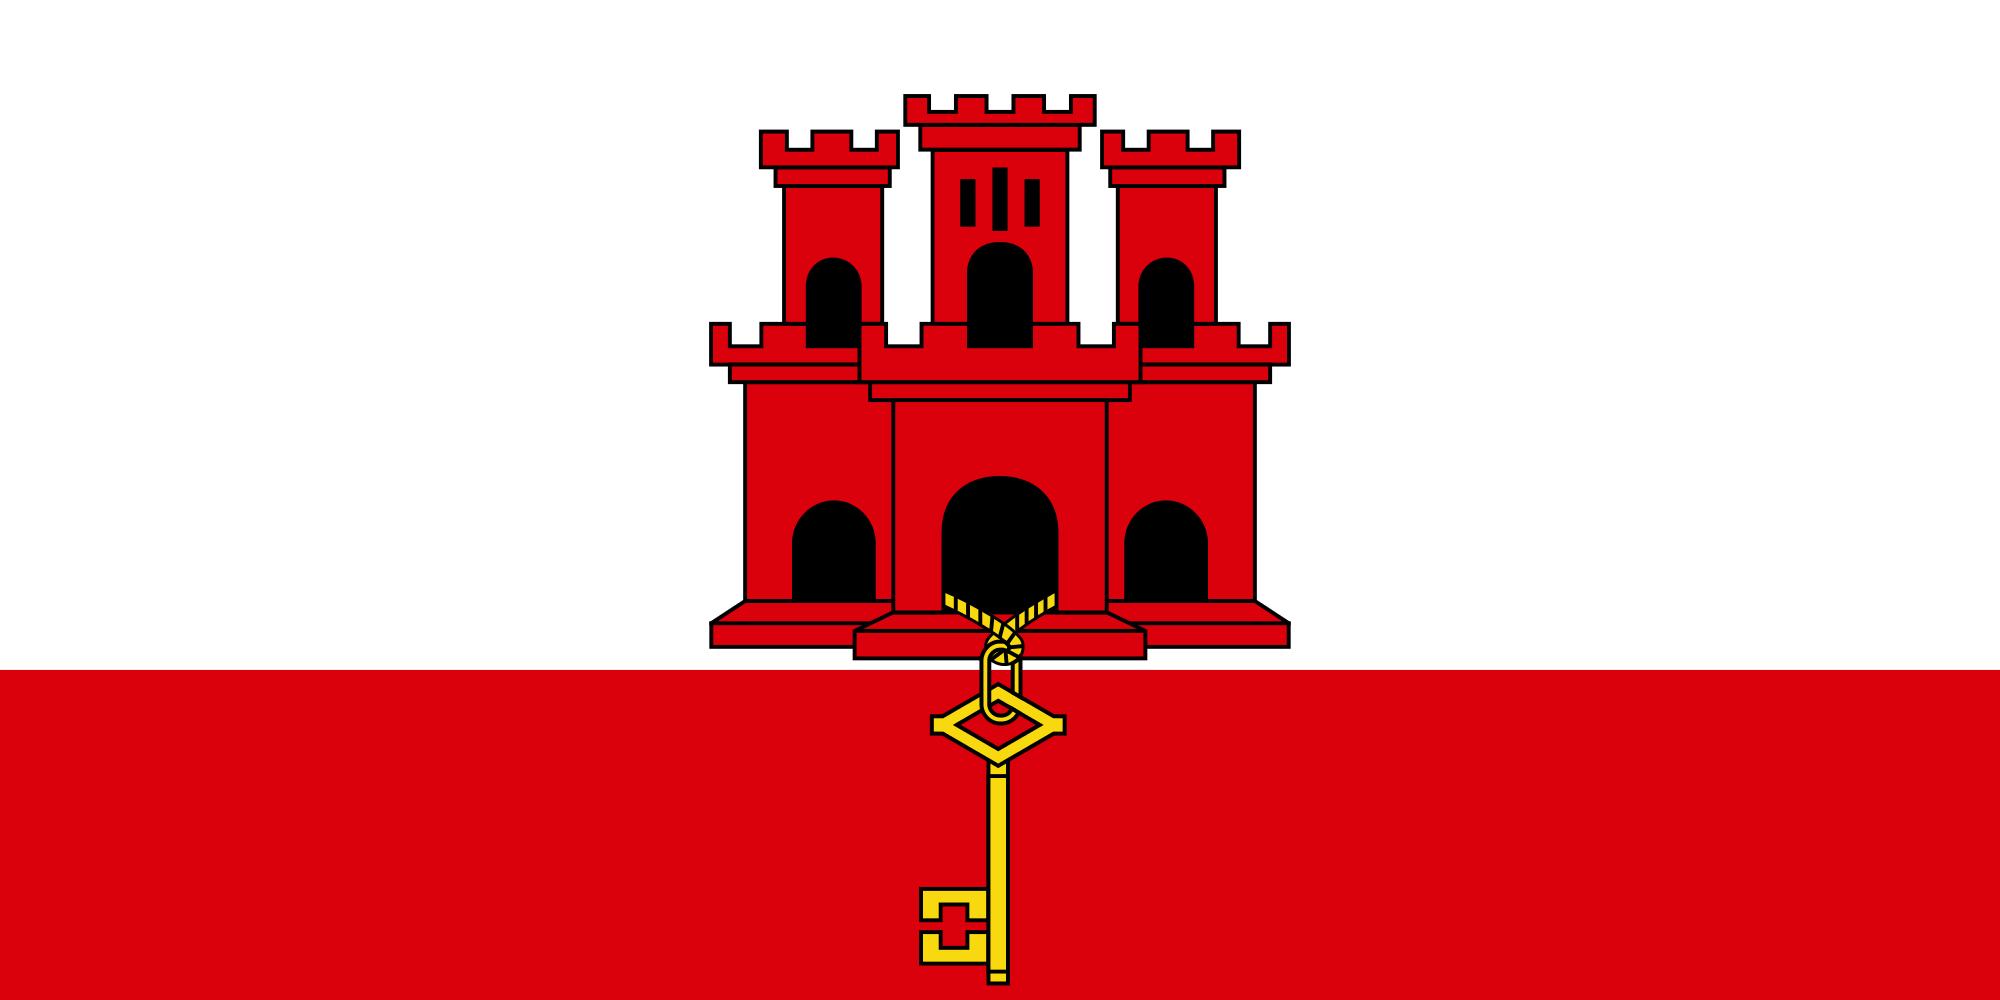 Γιβραλτάρ, χώρα, έμβλημα, λογότυπο, σύμβολο - Wallpapers HD - Professor-falken.com